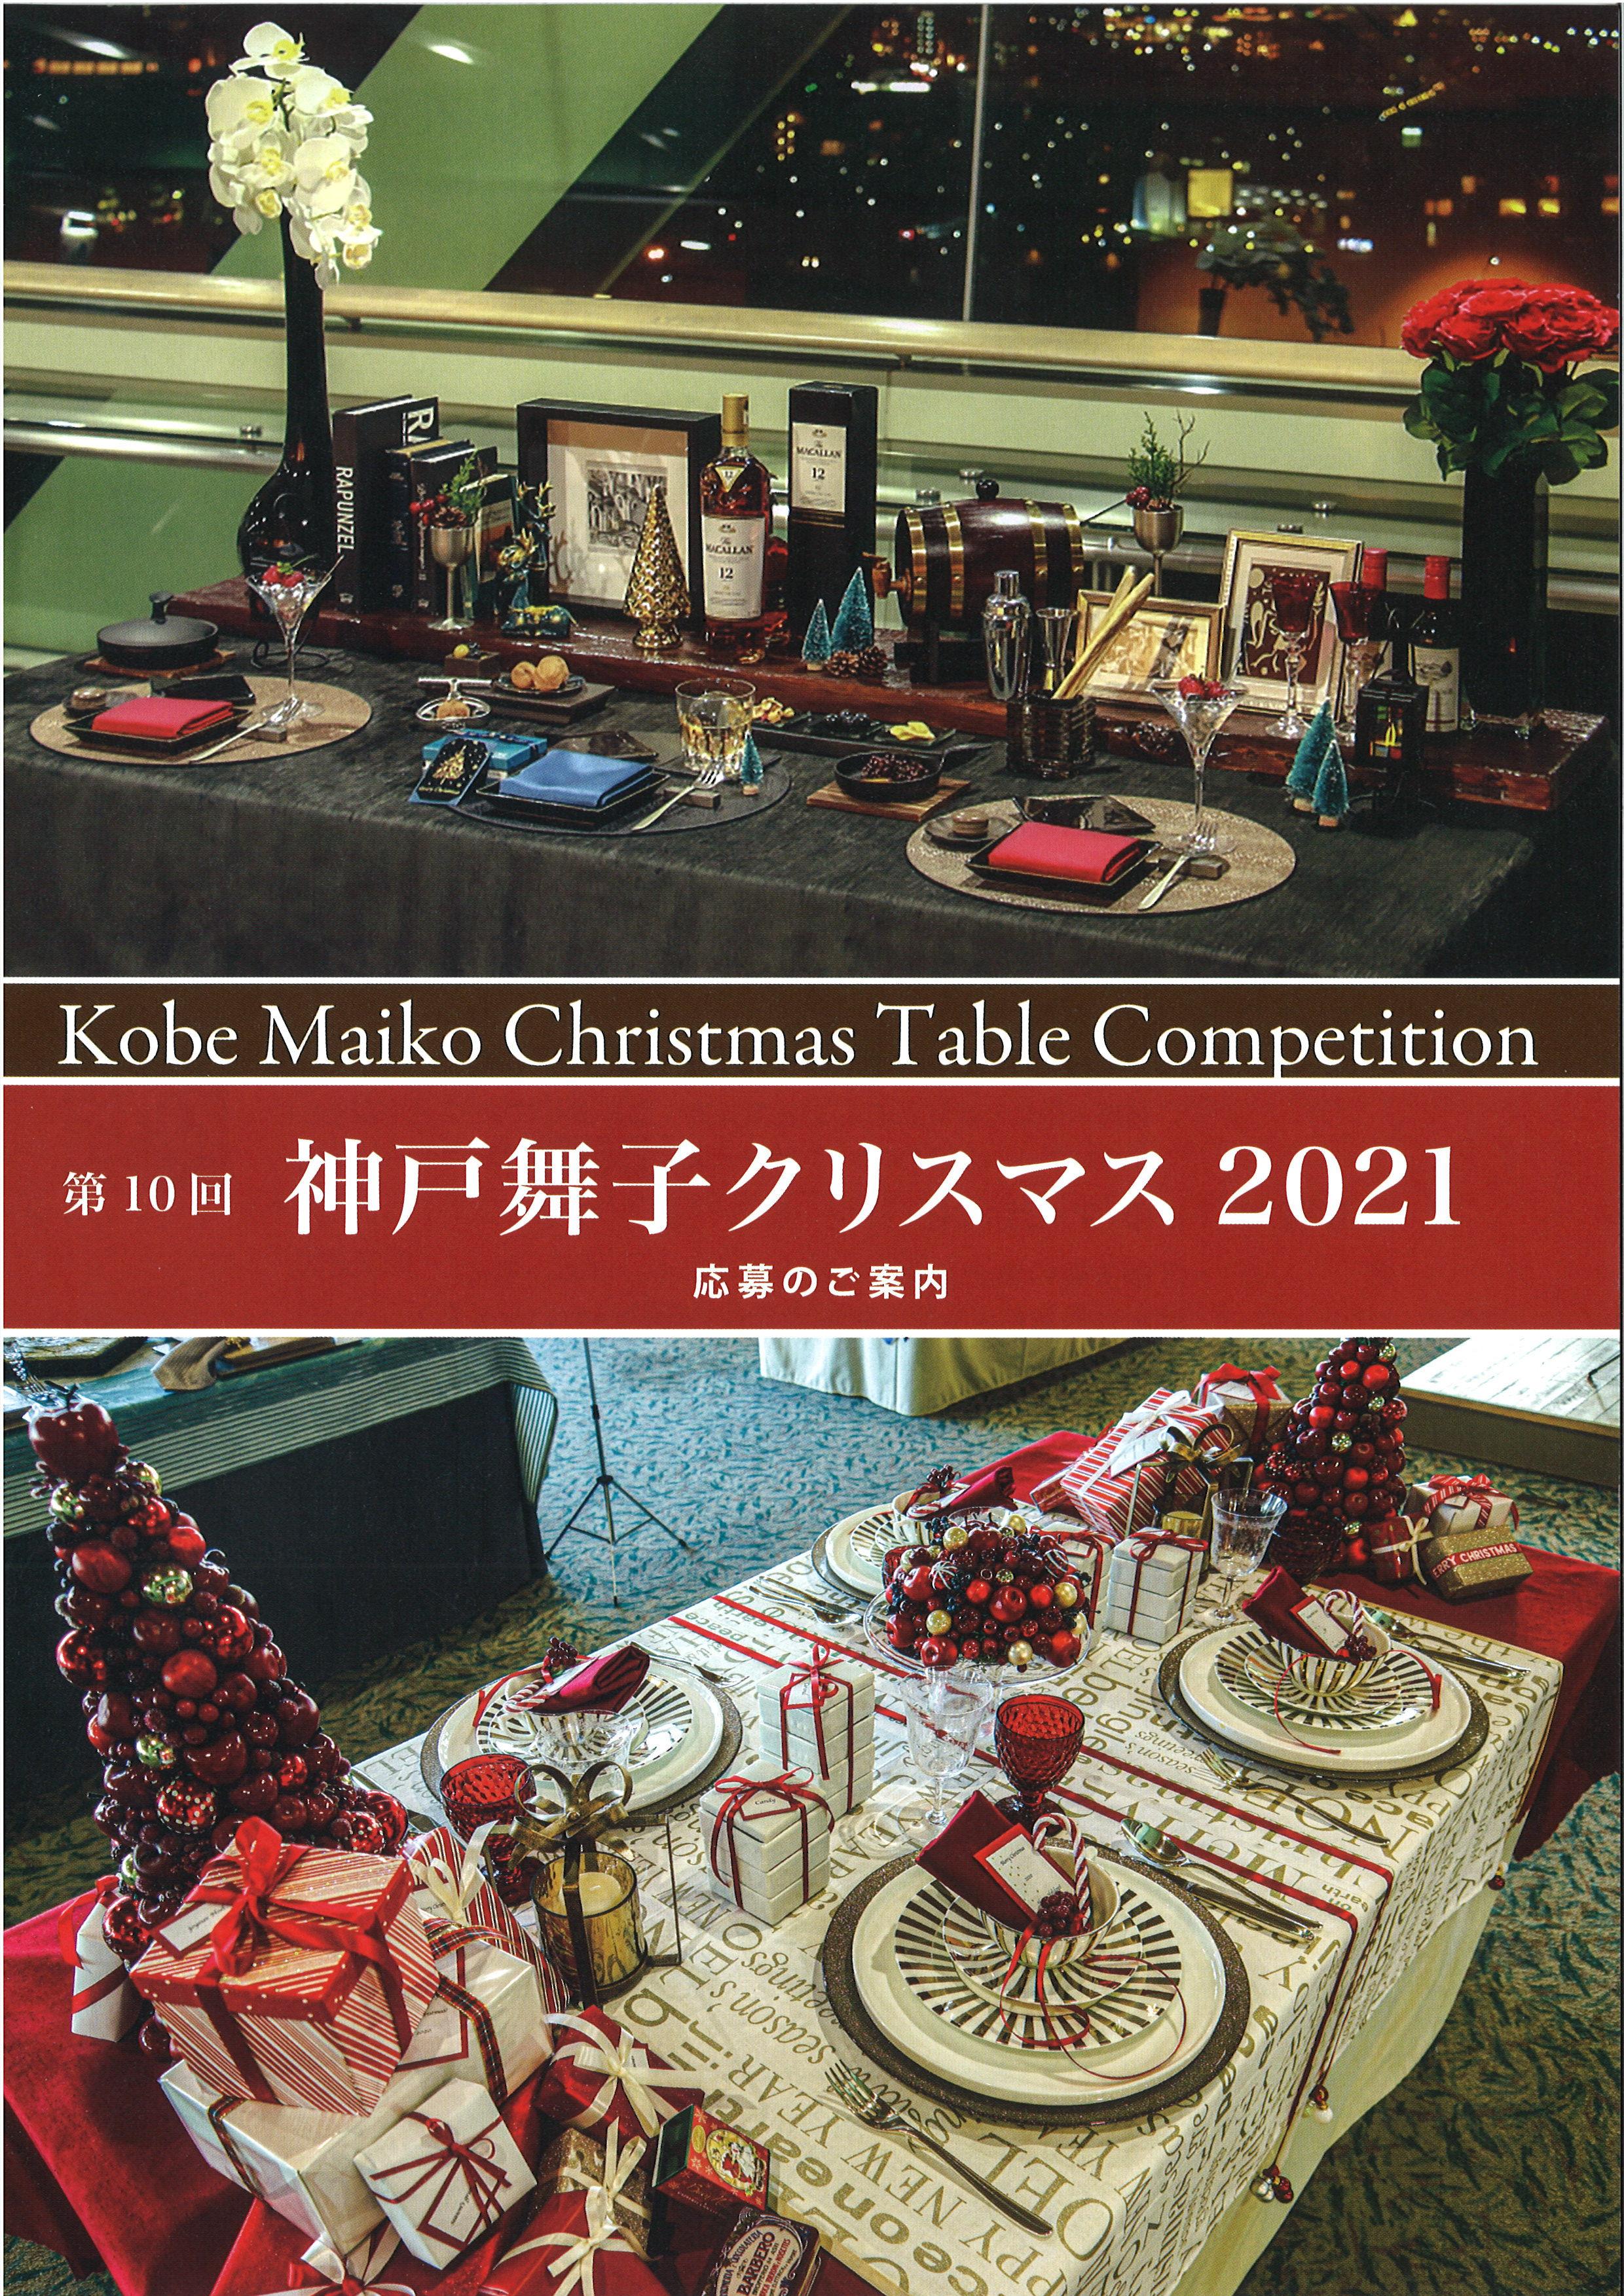 第10回 神戸舞子クリスマス テーブルコーディネート応募申込み開始のアイキャッチ